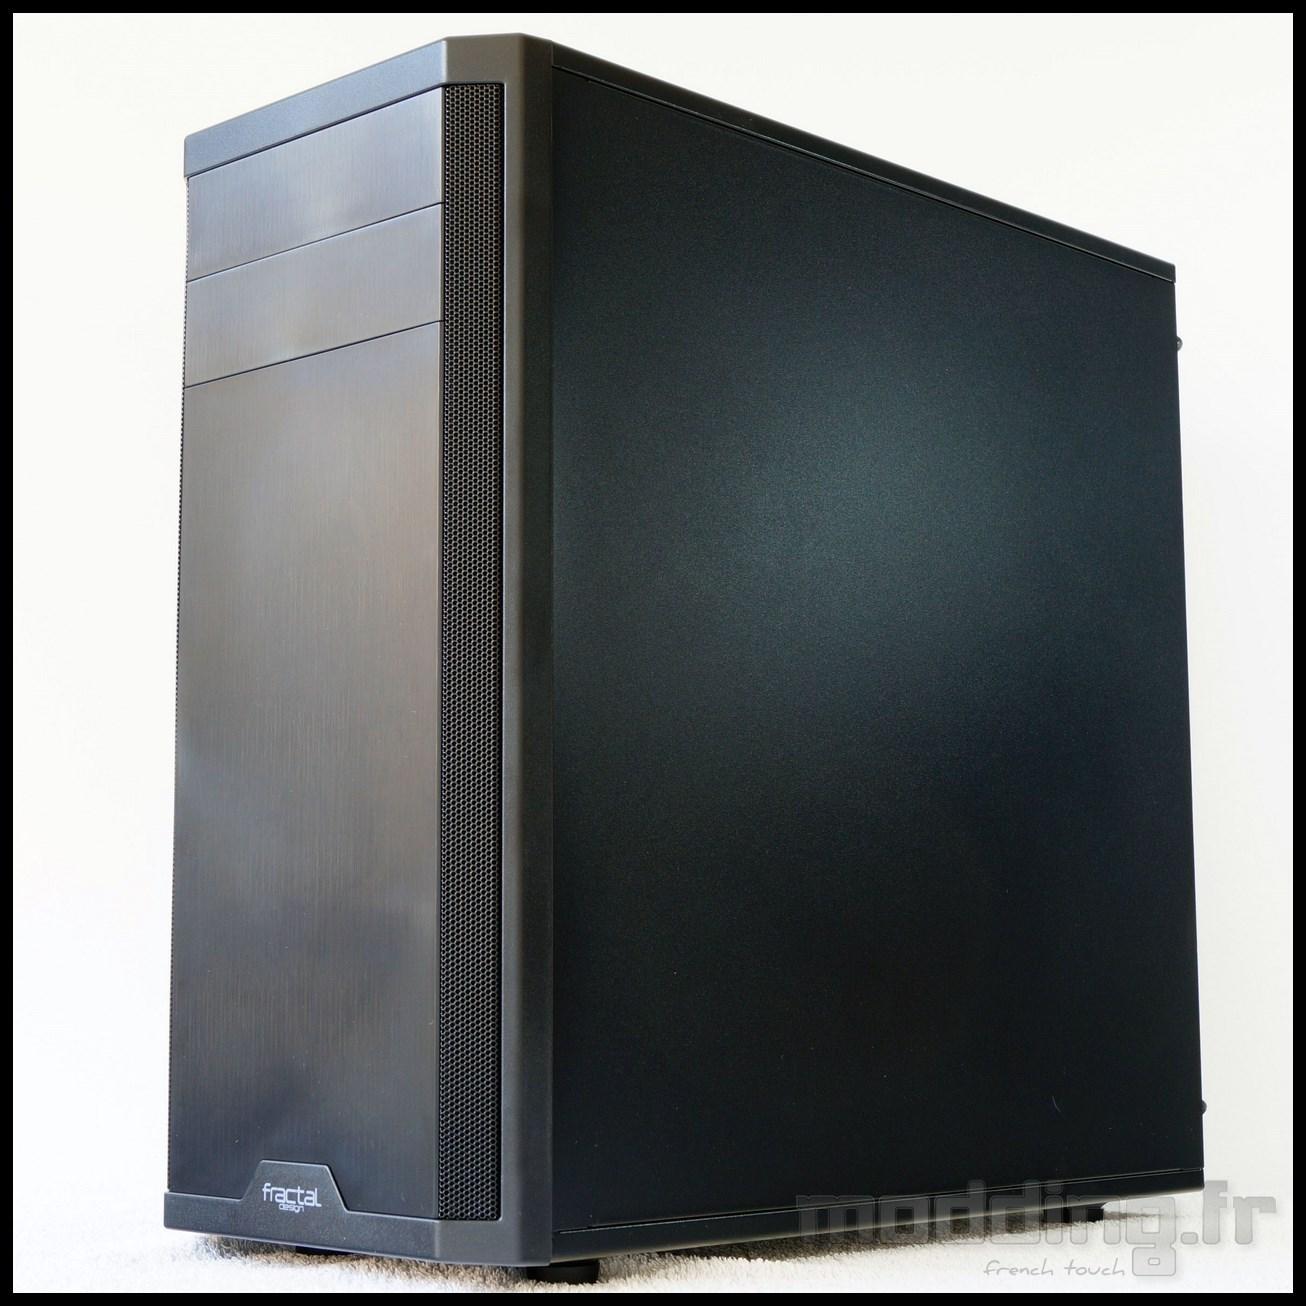 [TEST] Core 2500 de Fractal Design